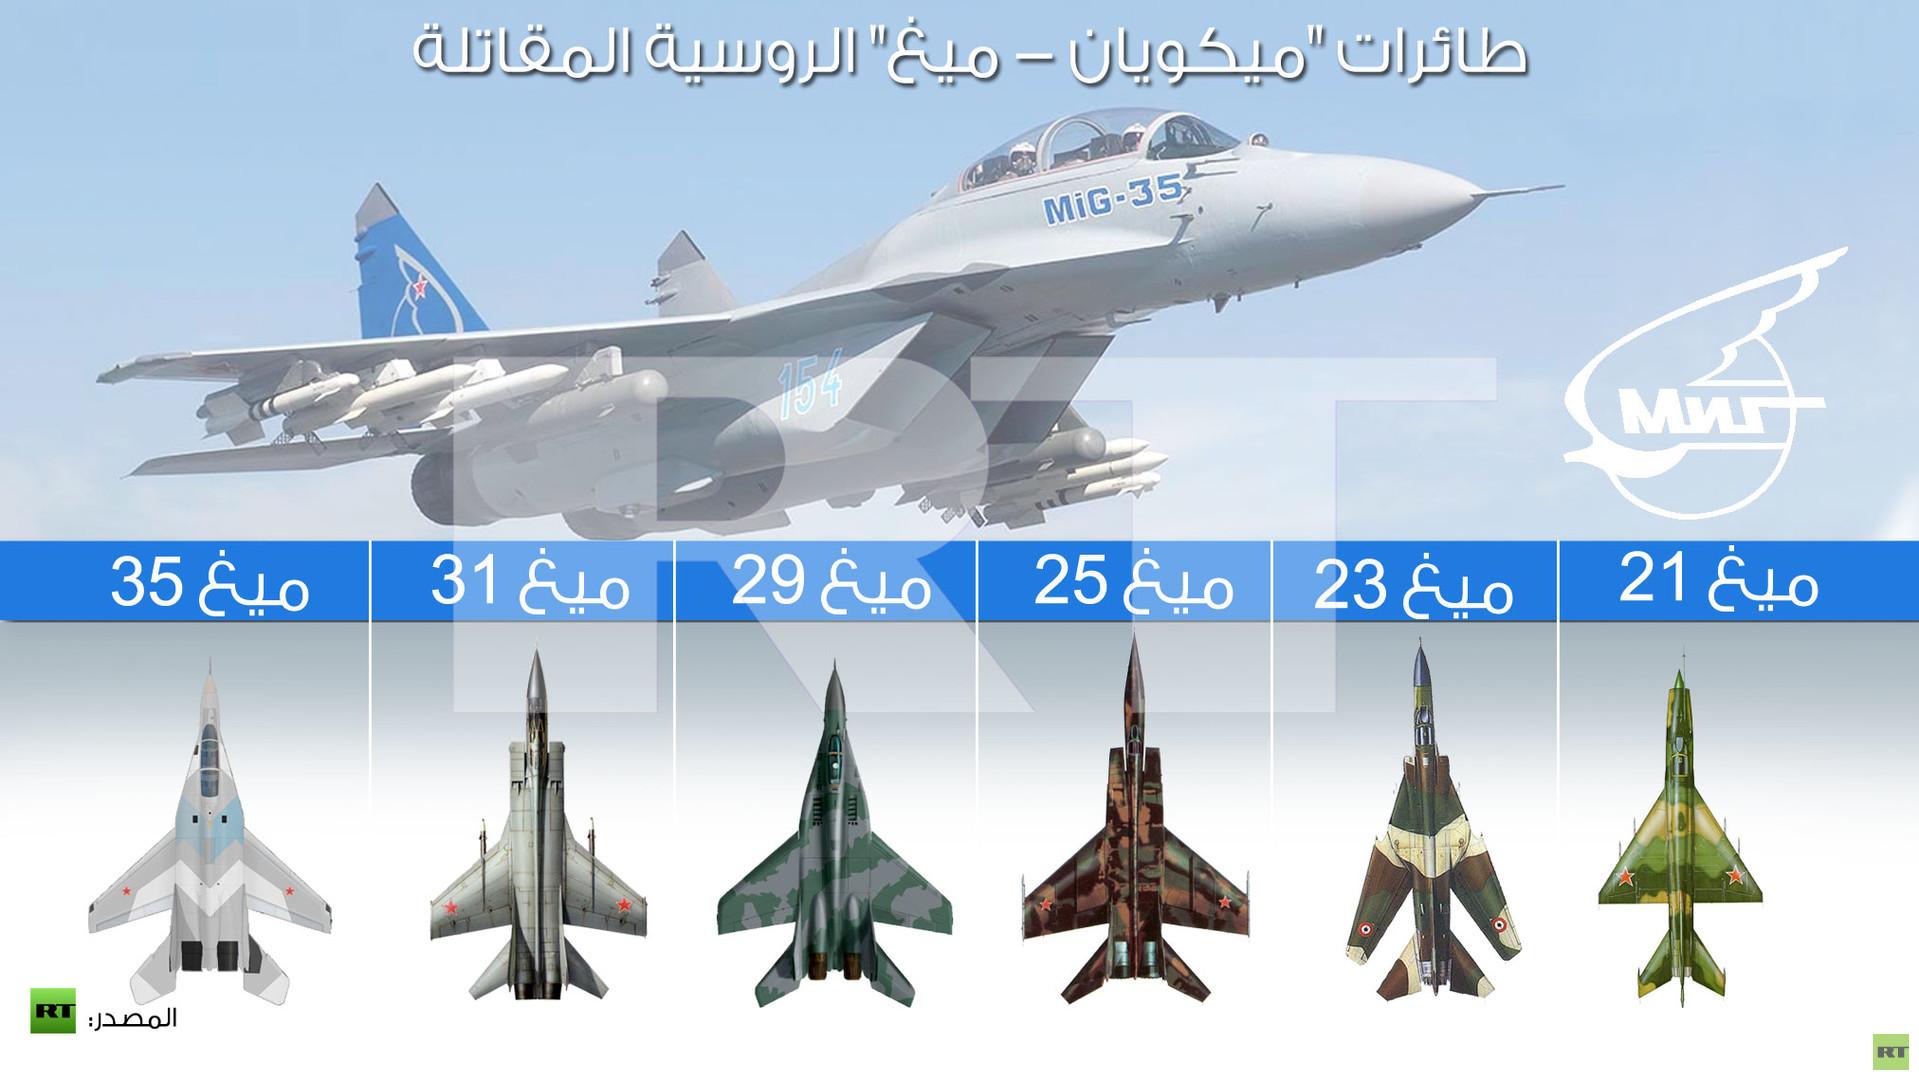 ﺭﻭﺳﻴﺎ ﻭﻣﺼﺮ ﻭﻗﻌﺘﺎ عقداً لتوريد MiG -29 55361985c46188632e8b456b